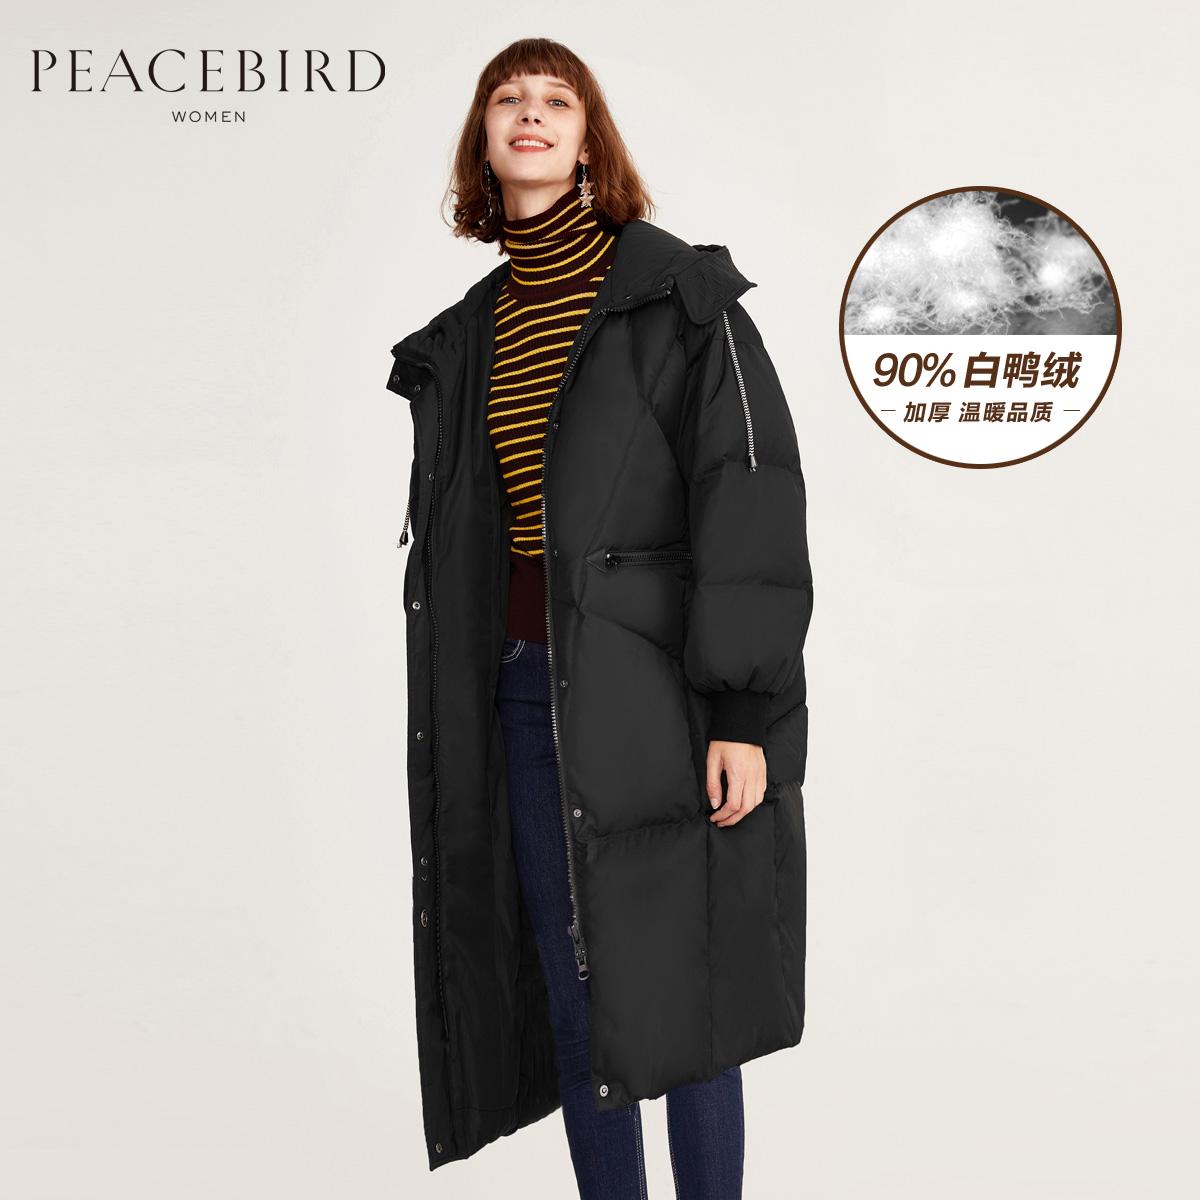 太平鳥女裝冬裝新款黑色繭型羽絨服女長款過膝 加厚連帽羽絨衣女